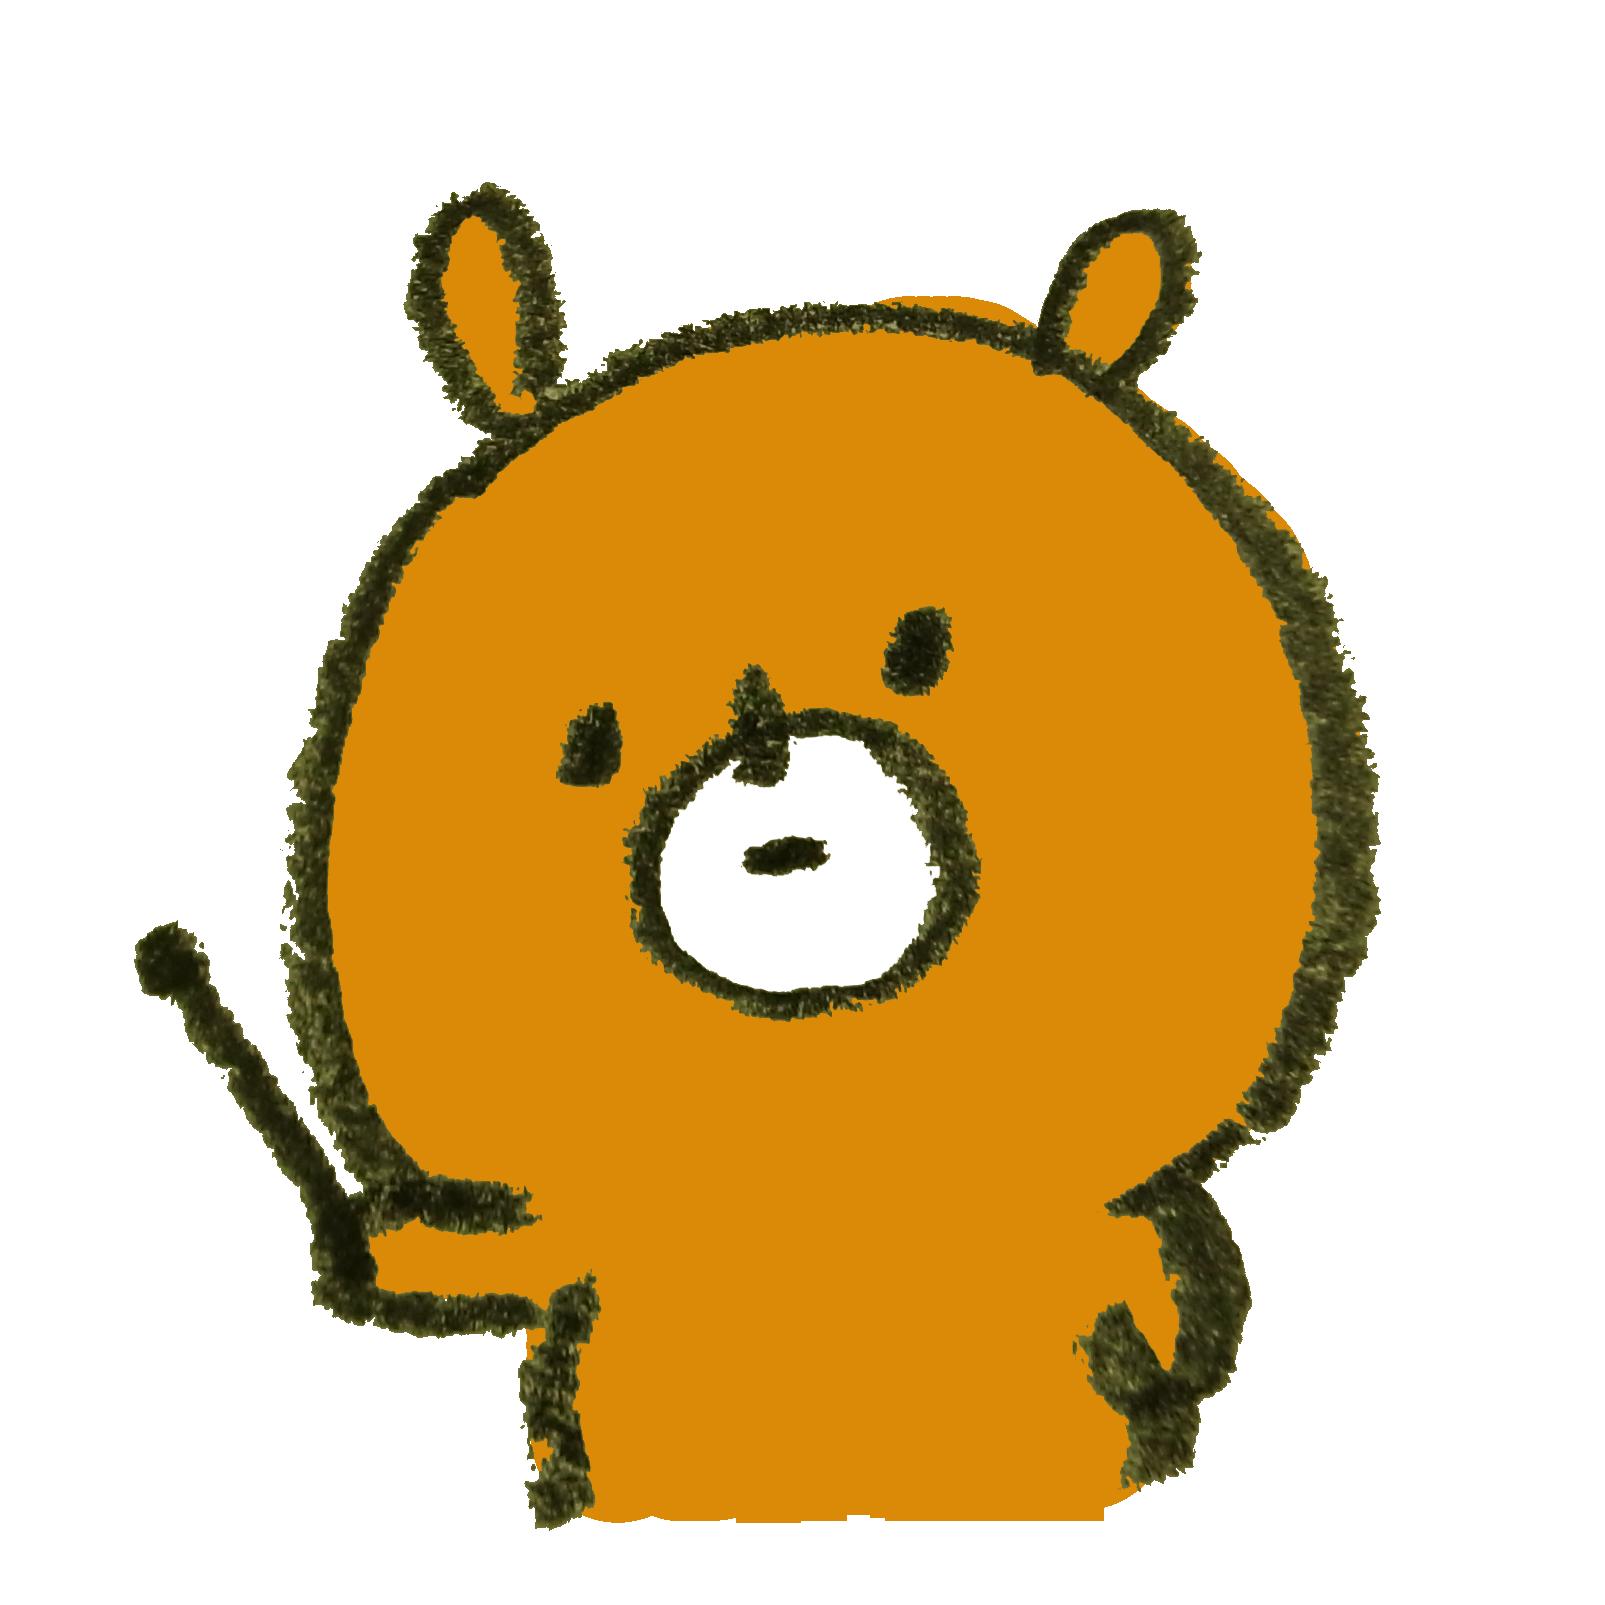 無表情で解説する熊